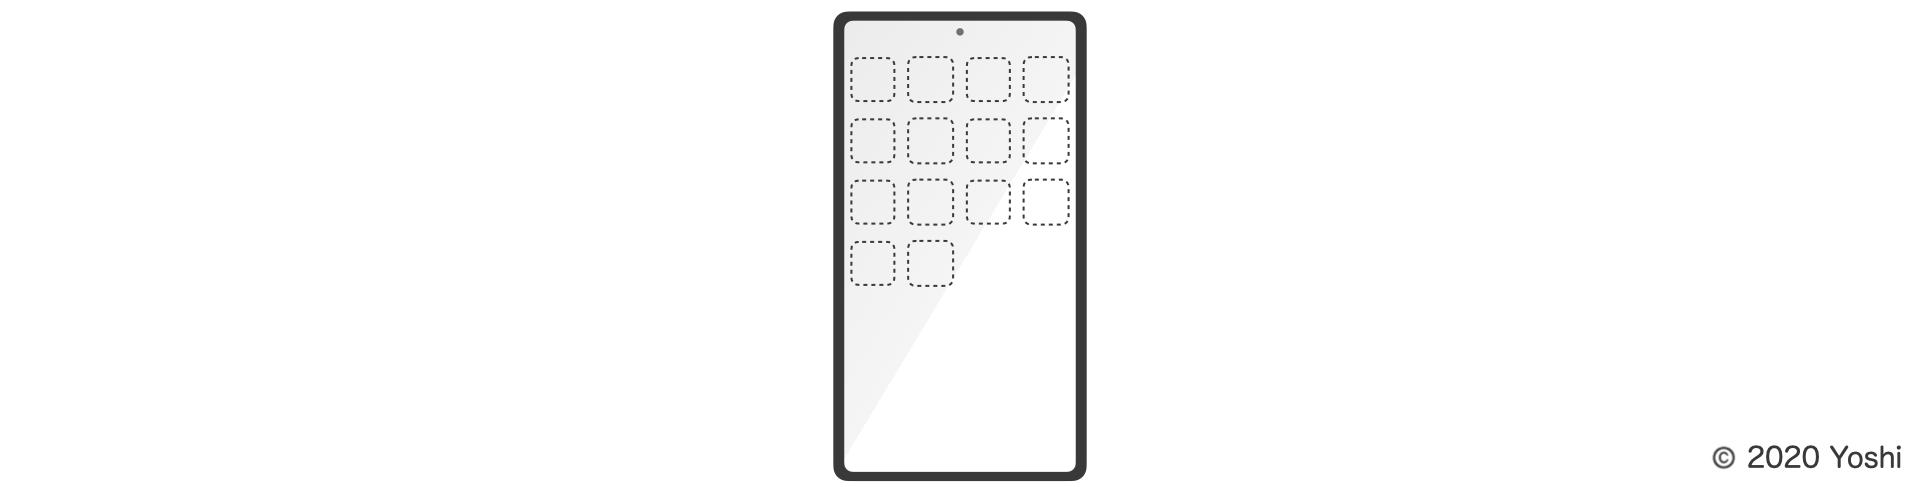 アプリがインストールされていないスマホはただの鉄の塊